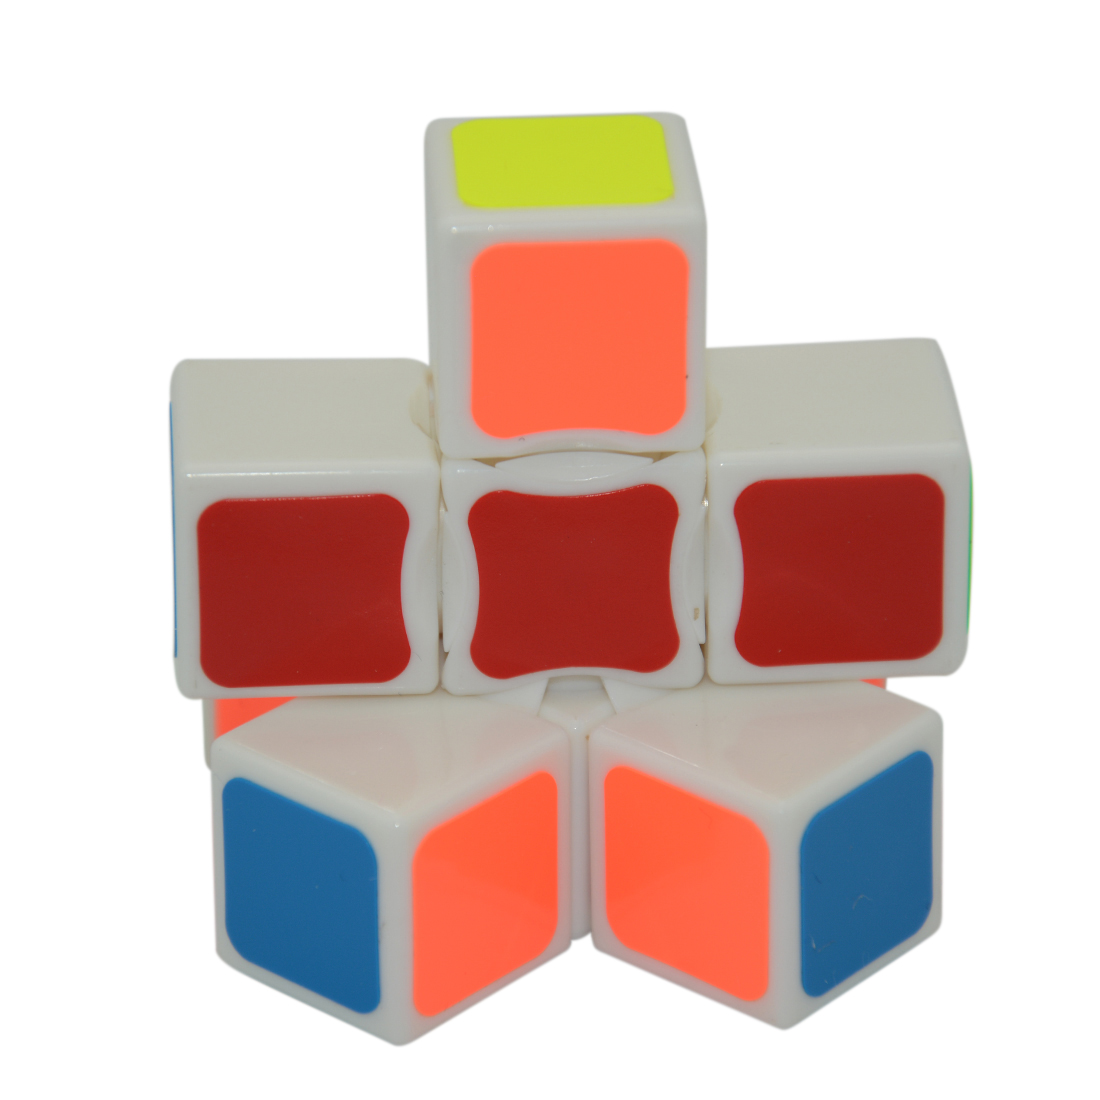 2017 Жаңа келу 1X3X3 дискета Magic Cube Puzzle Brain - Ойындар мен басқатырғыштар - фото 2